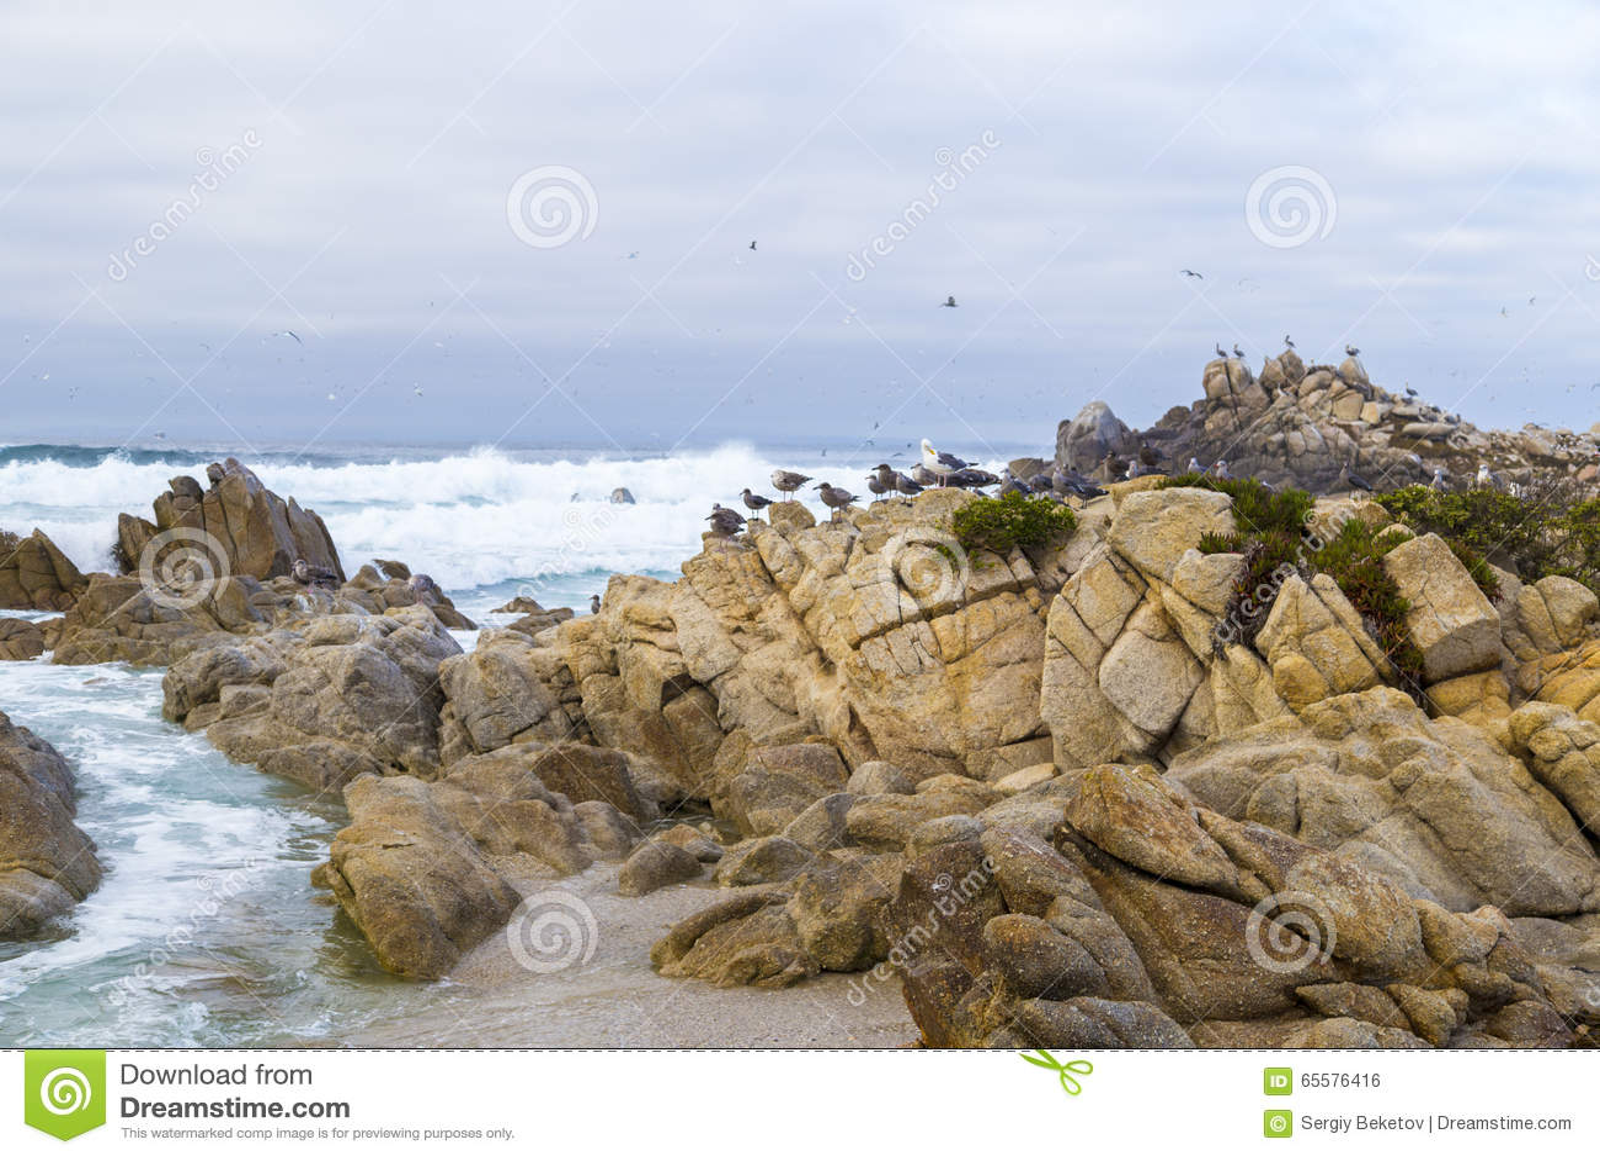 Rocha do pássaro com pássaros de água gaivotas e pássaros que sentam-se nas rochas, Monterey dos cormorões, Califórnia